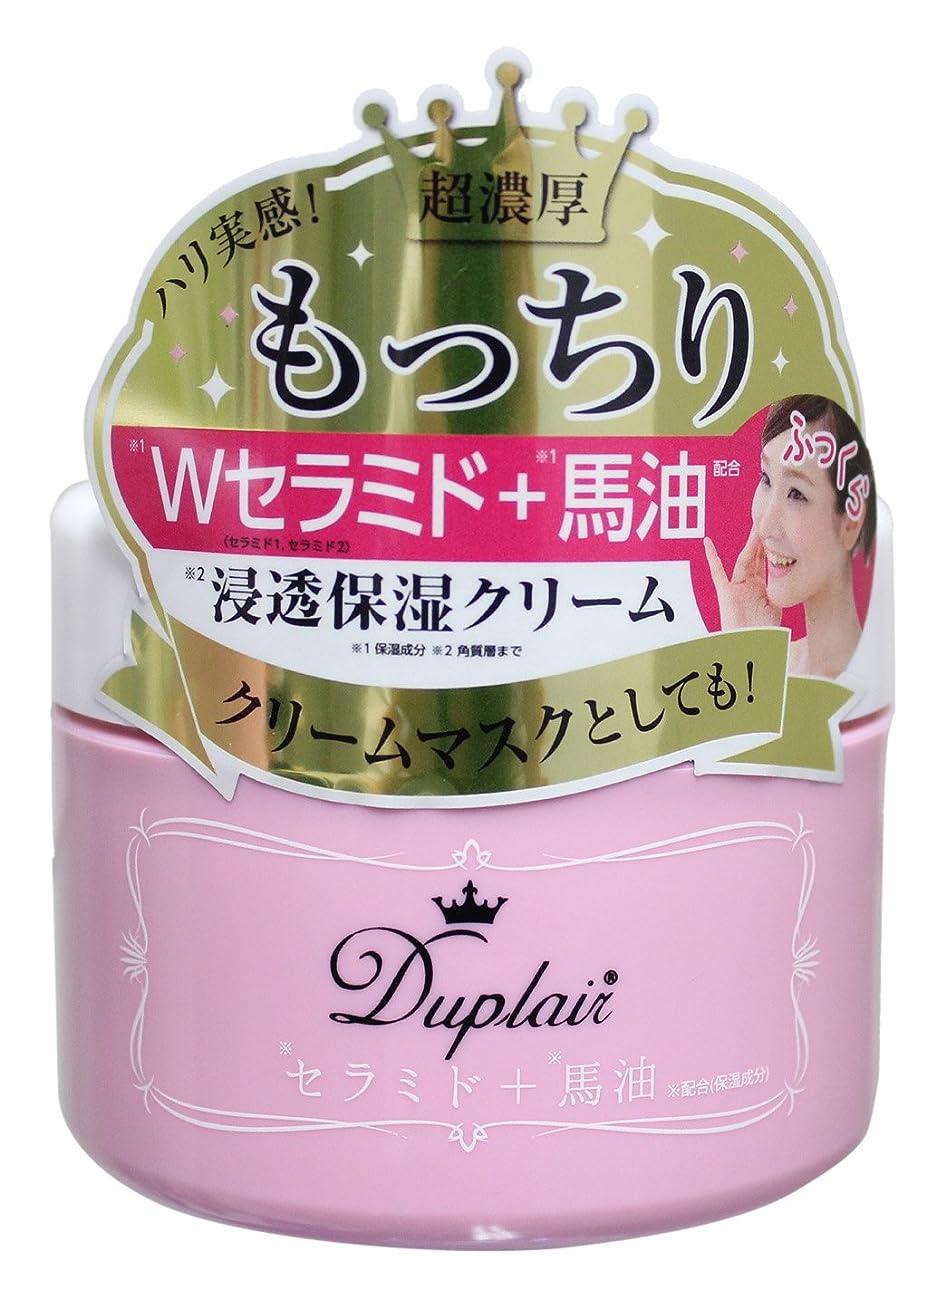 分析的調査満足Duplair(デュプレール) Wセラミド+馬油クリーム 200g